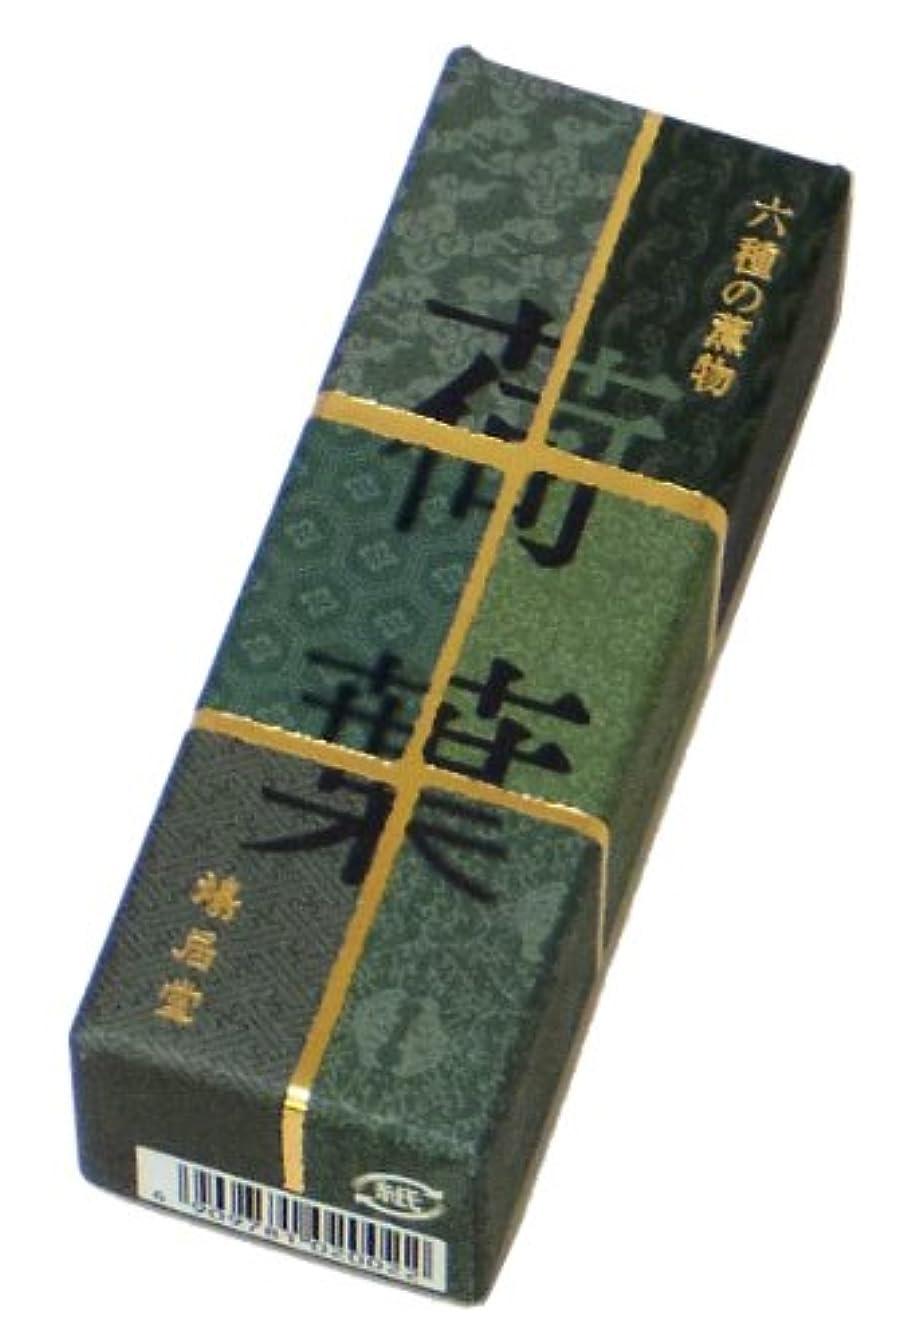 つかむ面キモい鳩居堂のお香 六種の薫物 荷葉 20本入 6cm